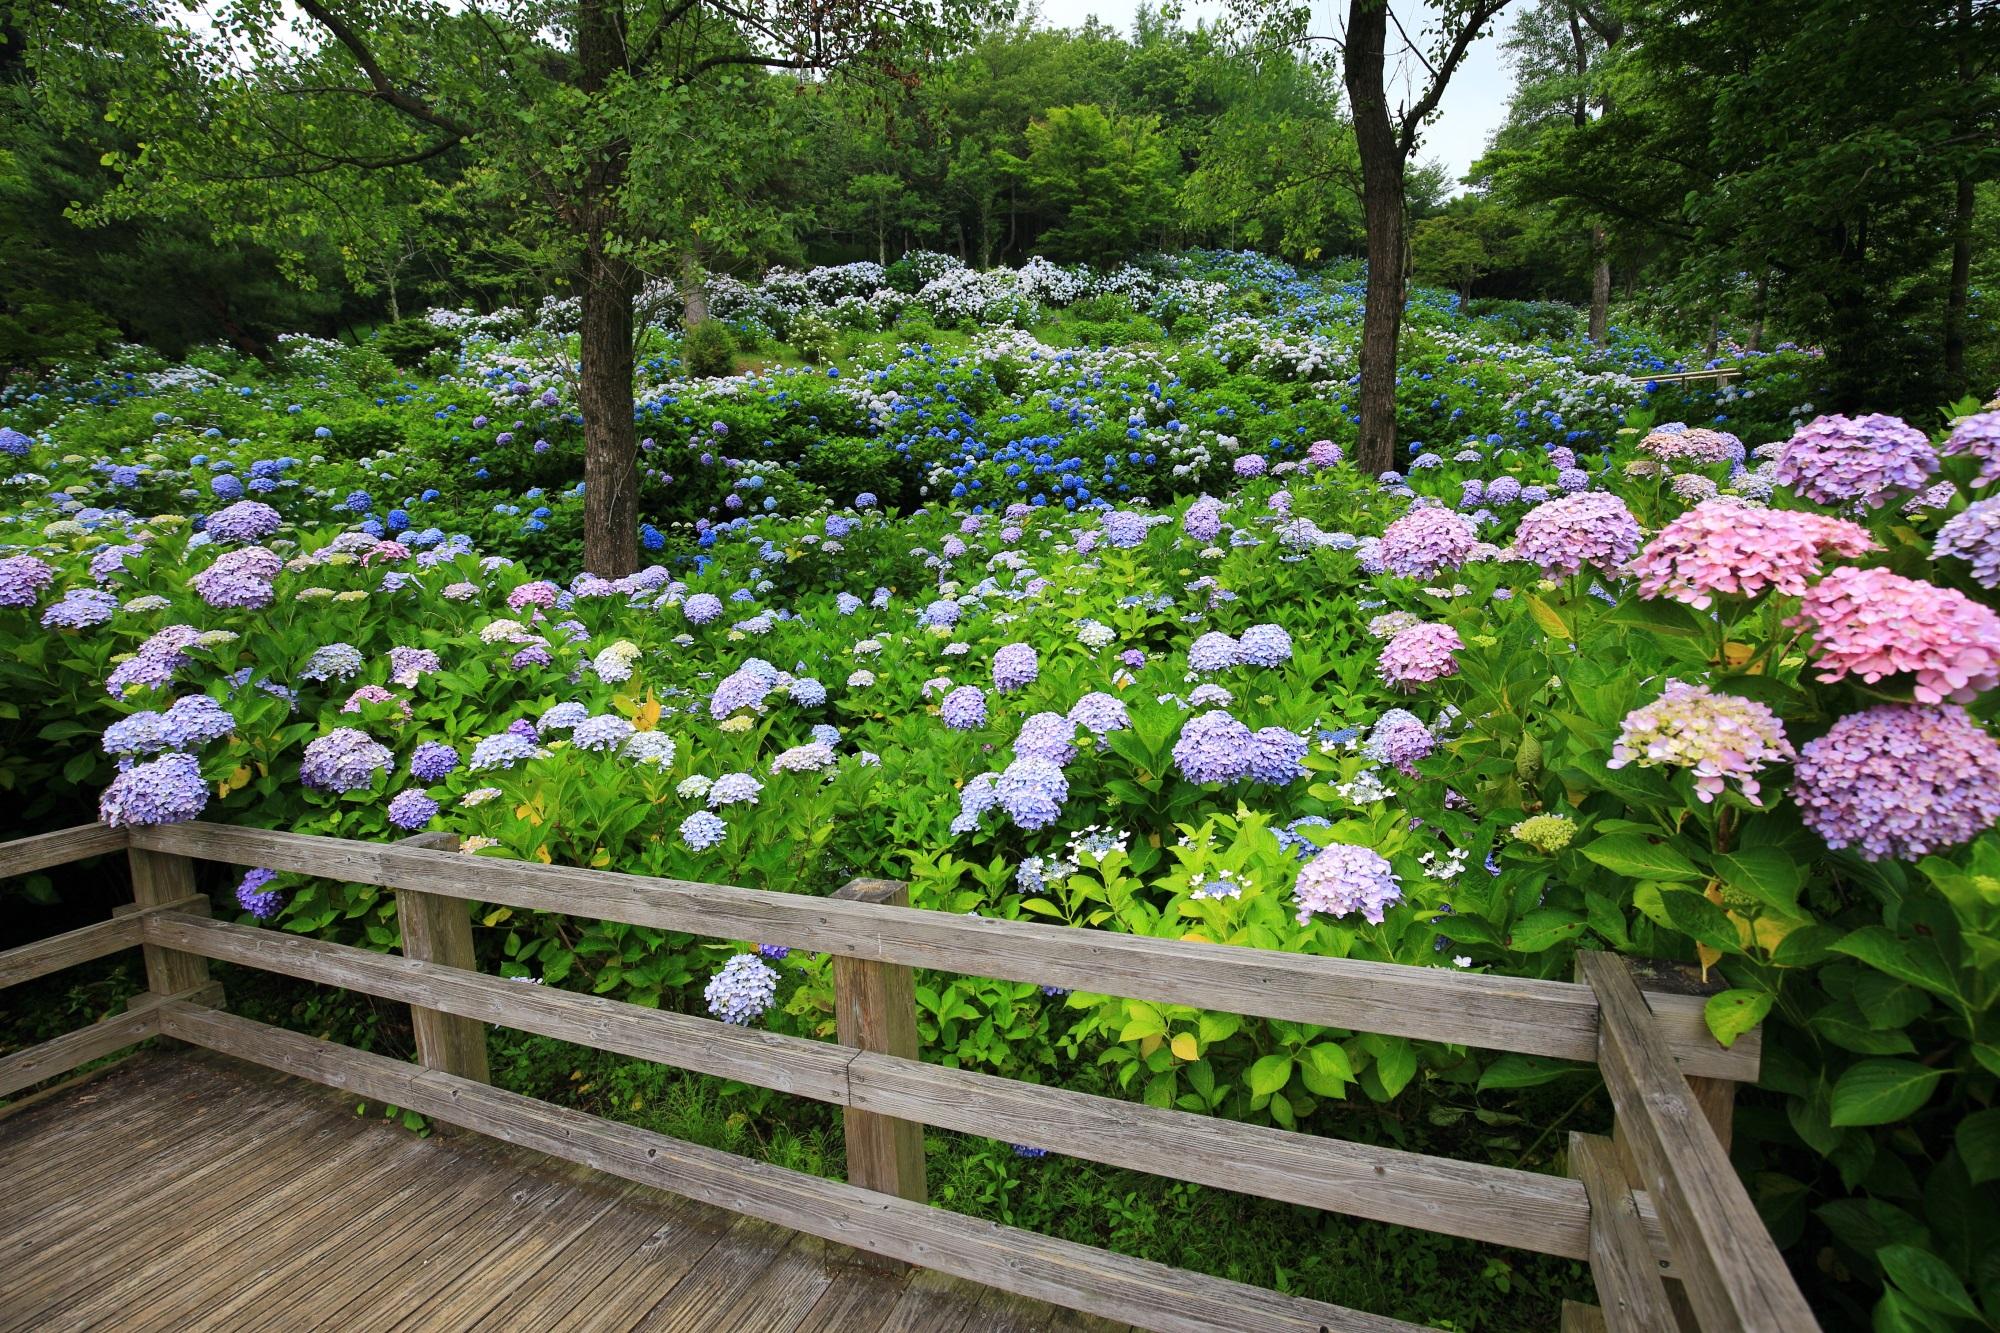 舞鶴自然文化園のアジサイ園の休憩所付近の絵になる紫陽花